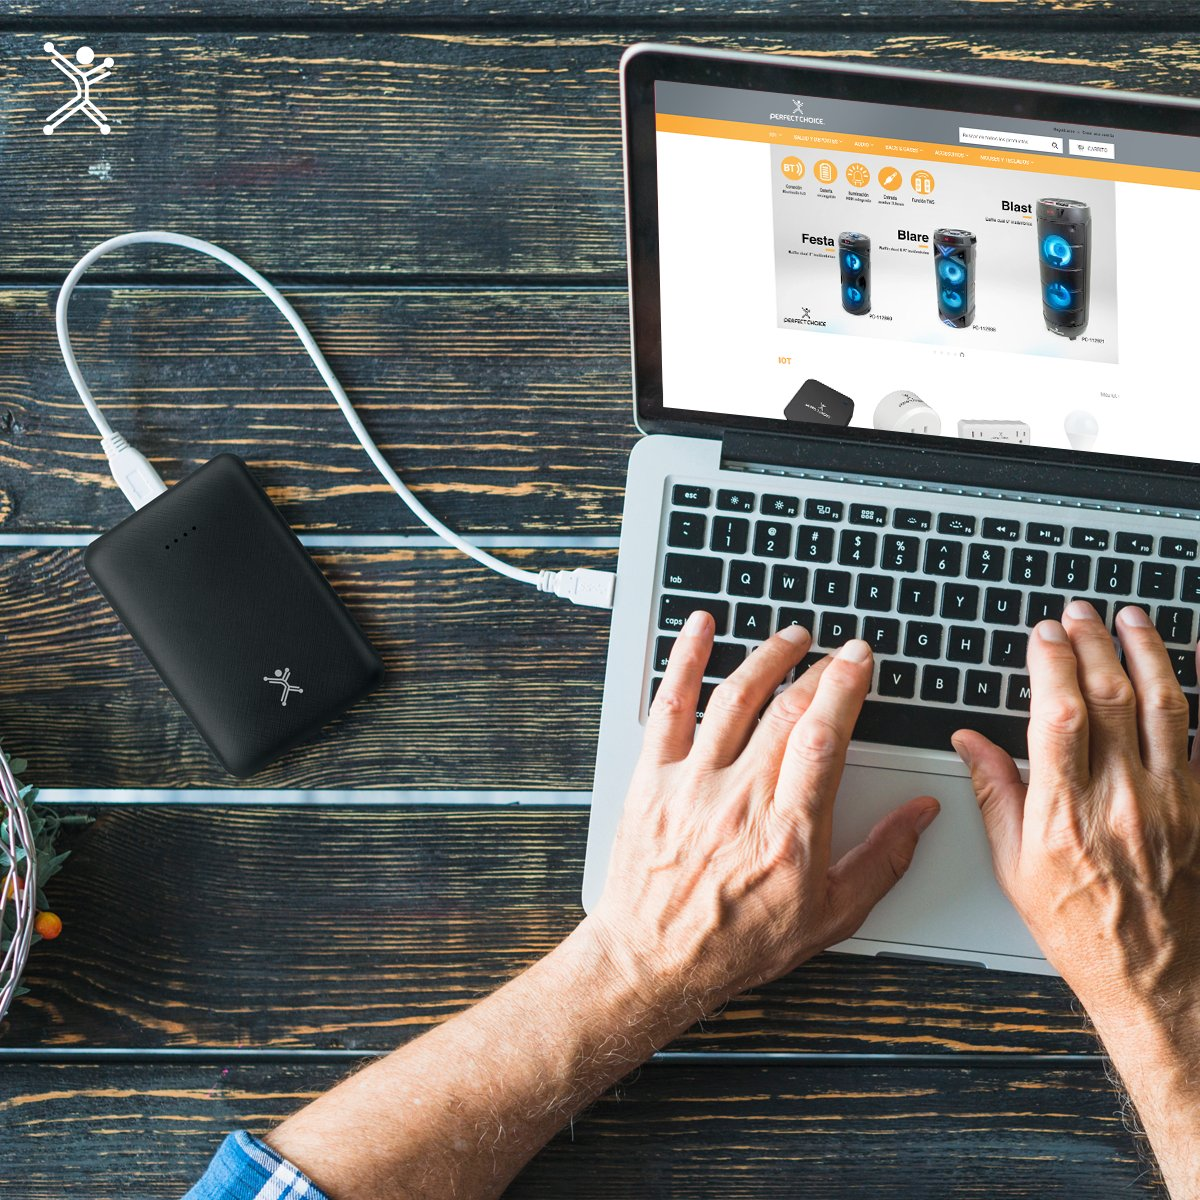 La power bank Perfect Choice de 10,000 mAh cuenta con protección para sobrevoltaje y corto-circuito, además de que tiene un diseño compacto.  De venta en:  https://t.co/fFZ5s6oMev  #powerbank #mobiledevices #gadget #smartphones #tablet https://t.co/w6ZfcSe9FK